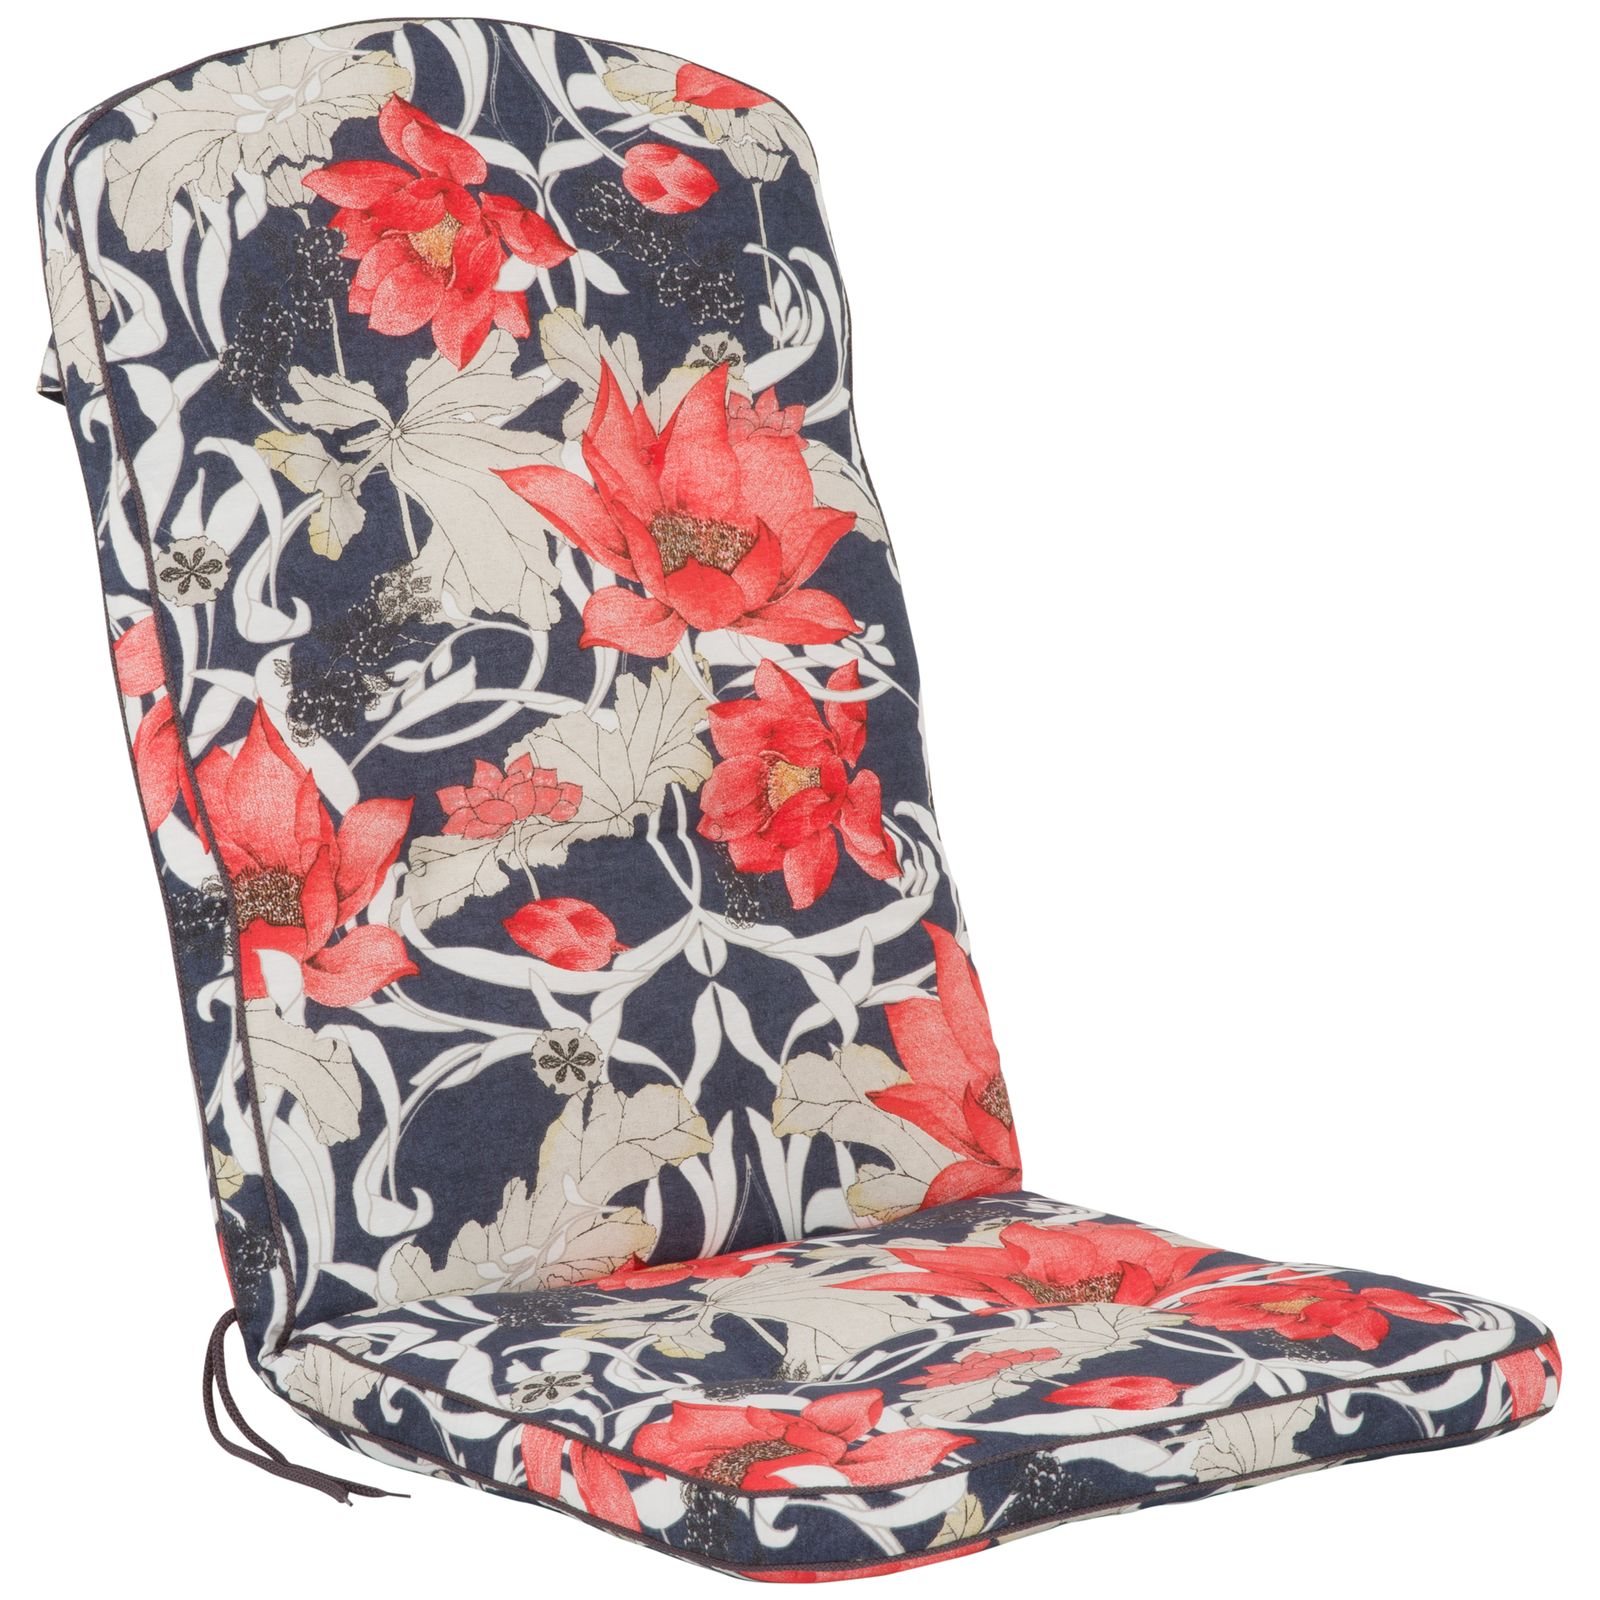 Cuscino per sedia Szafir A090-03LB PATIO